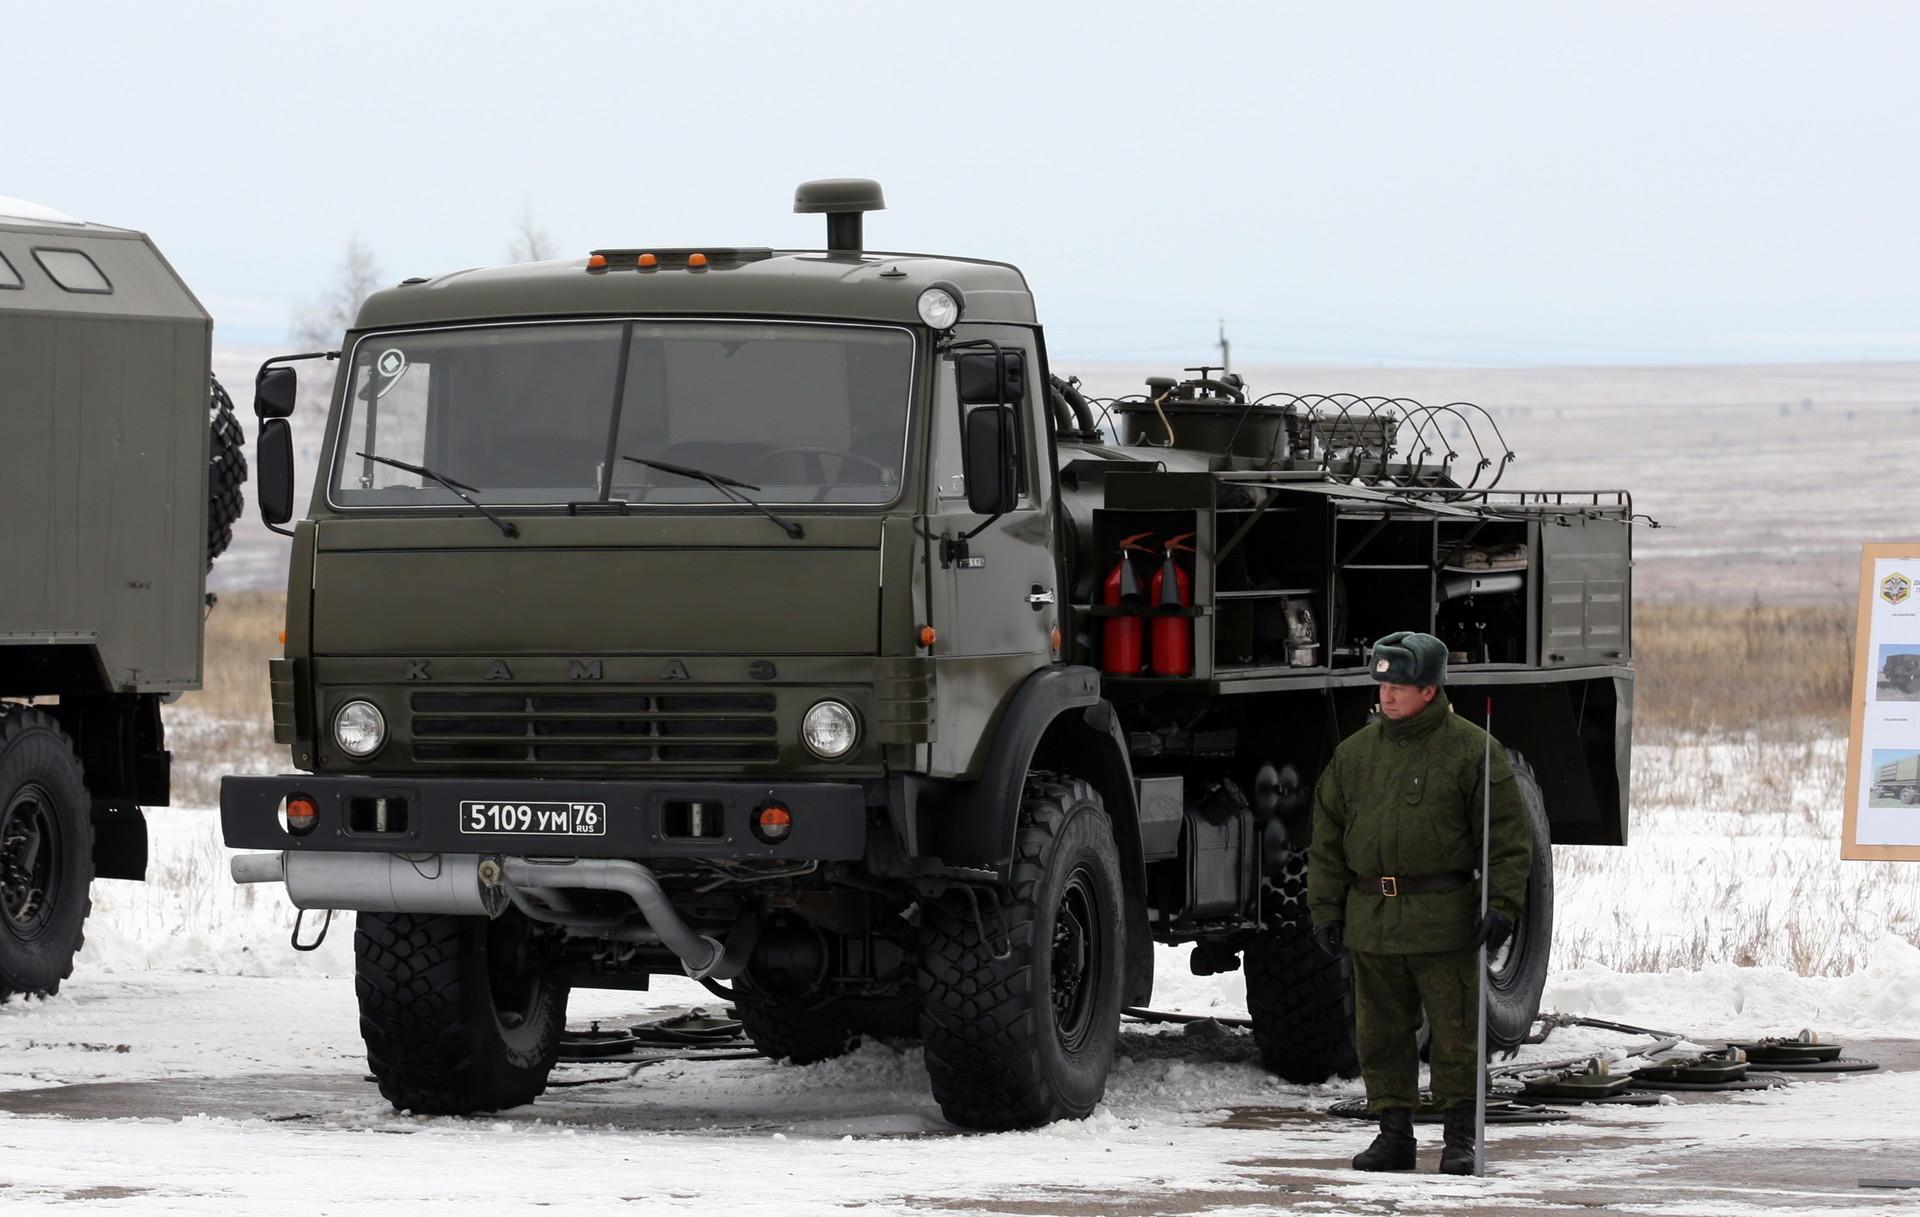 Postaja za dekontaminacijo in razplinjevanje ARS-14KM na tovornjaku KAMAZ